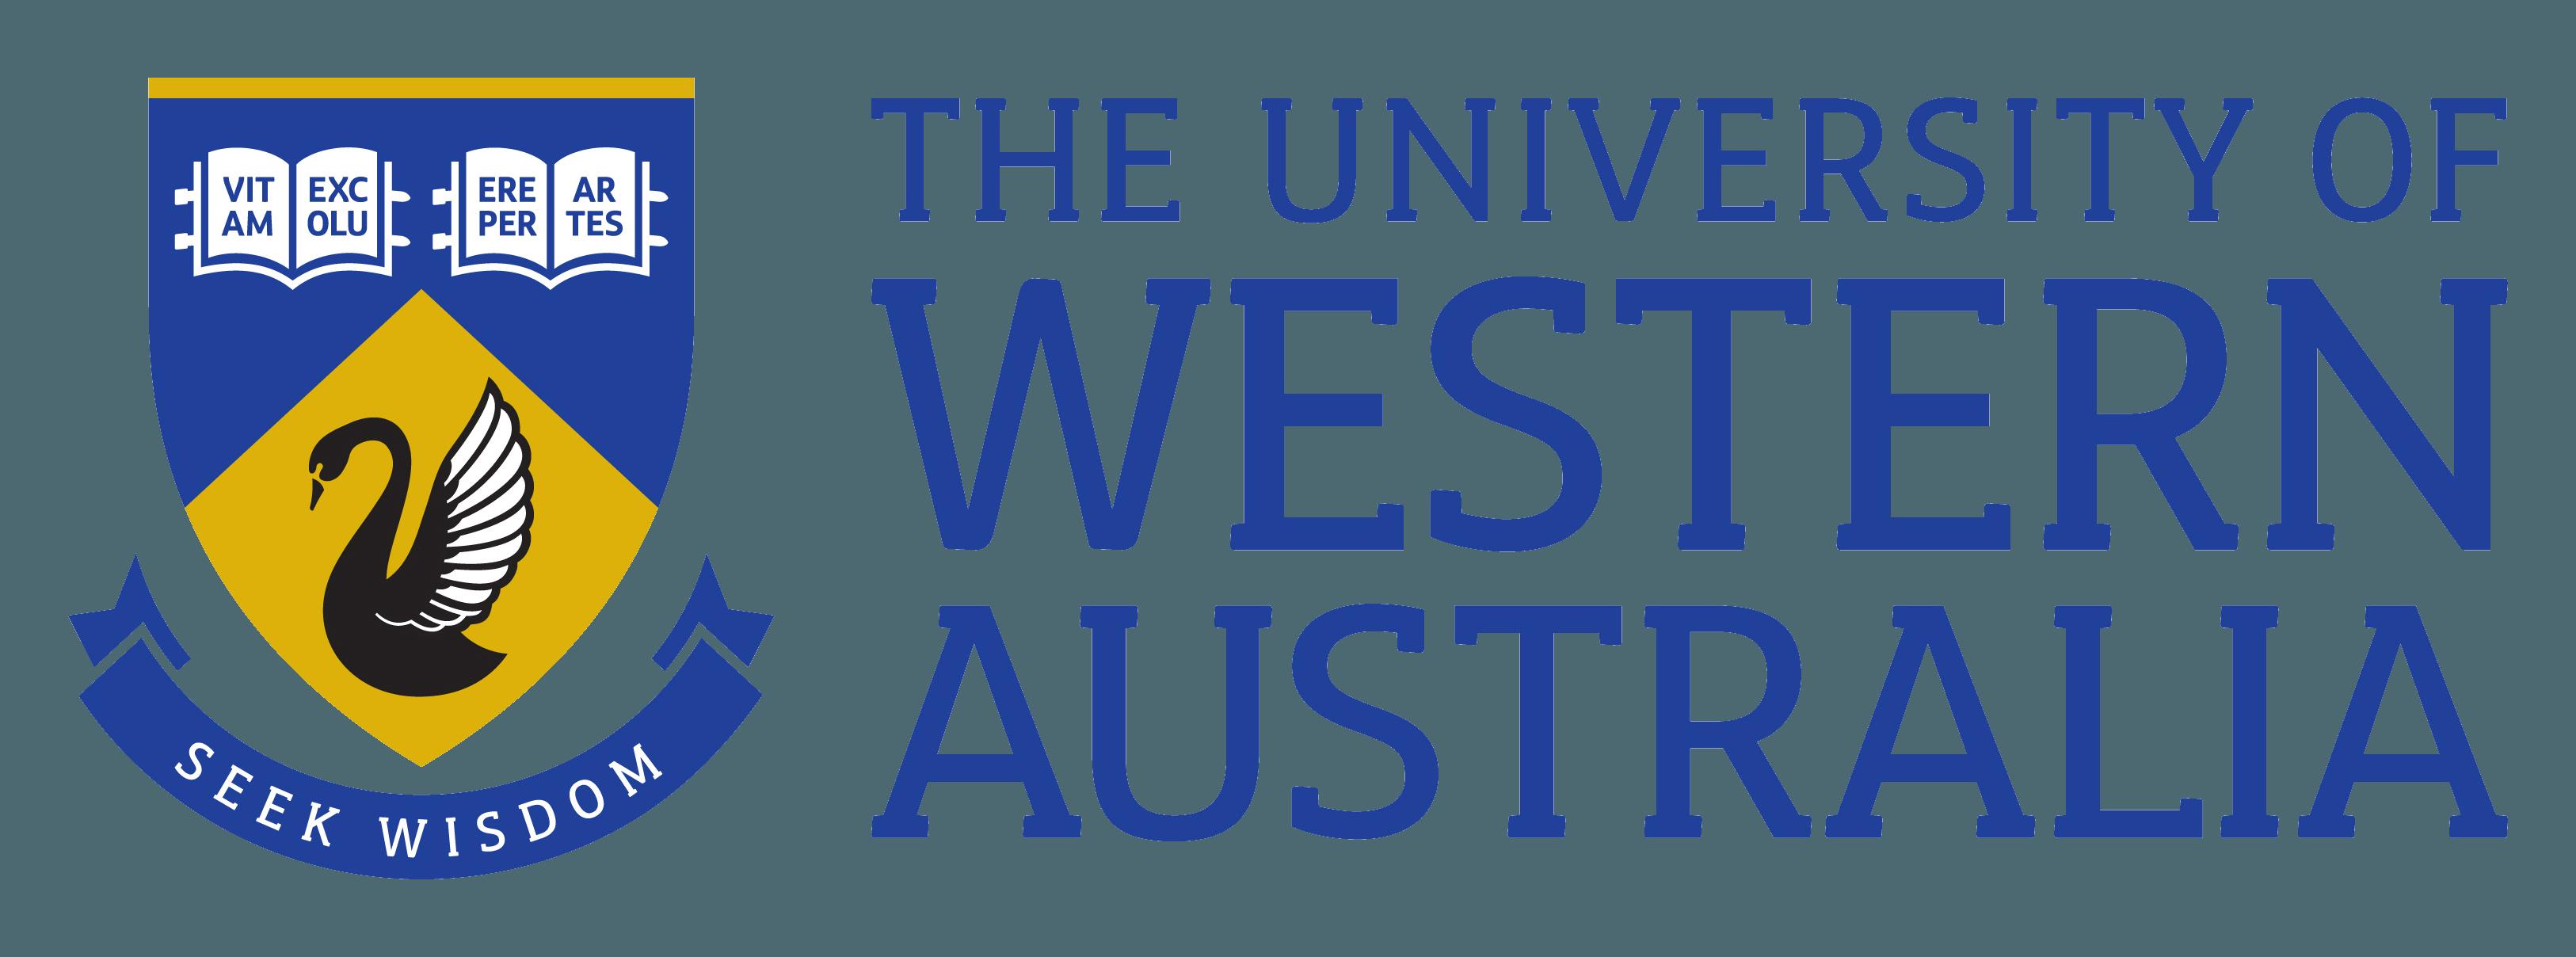 https://www.uwa.edu.au/